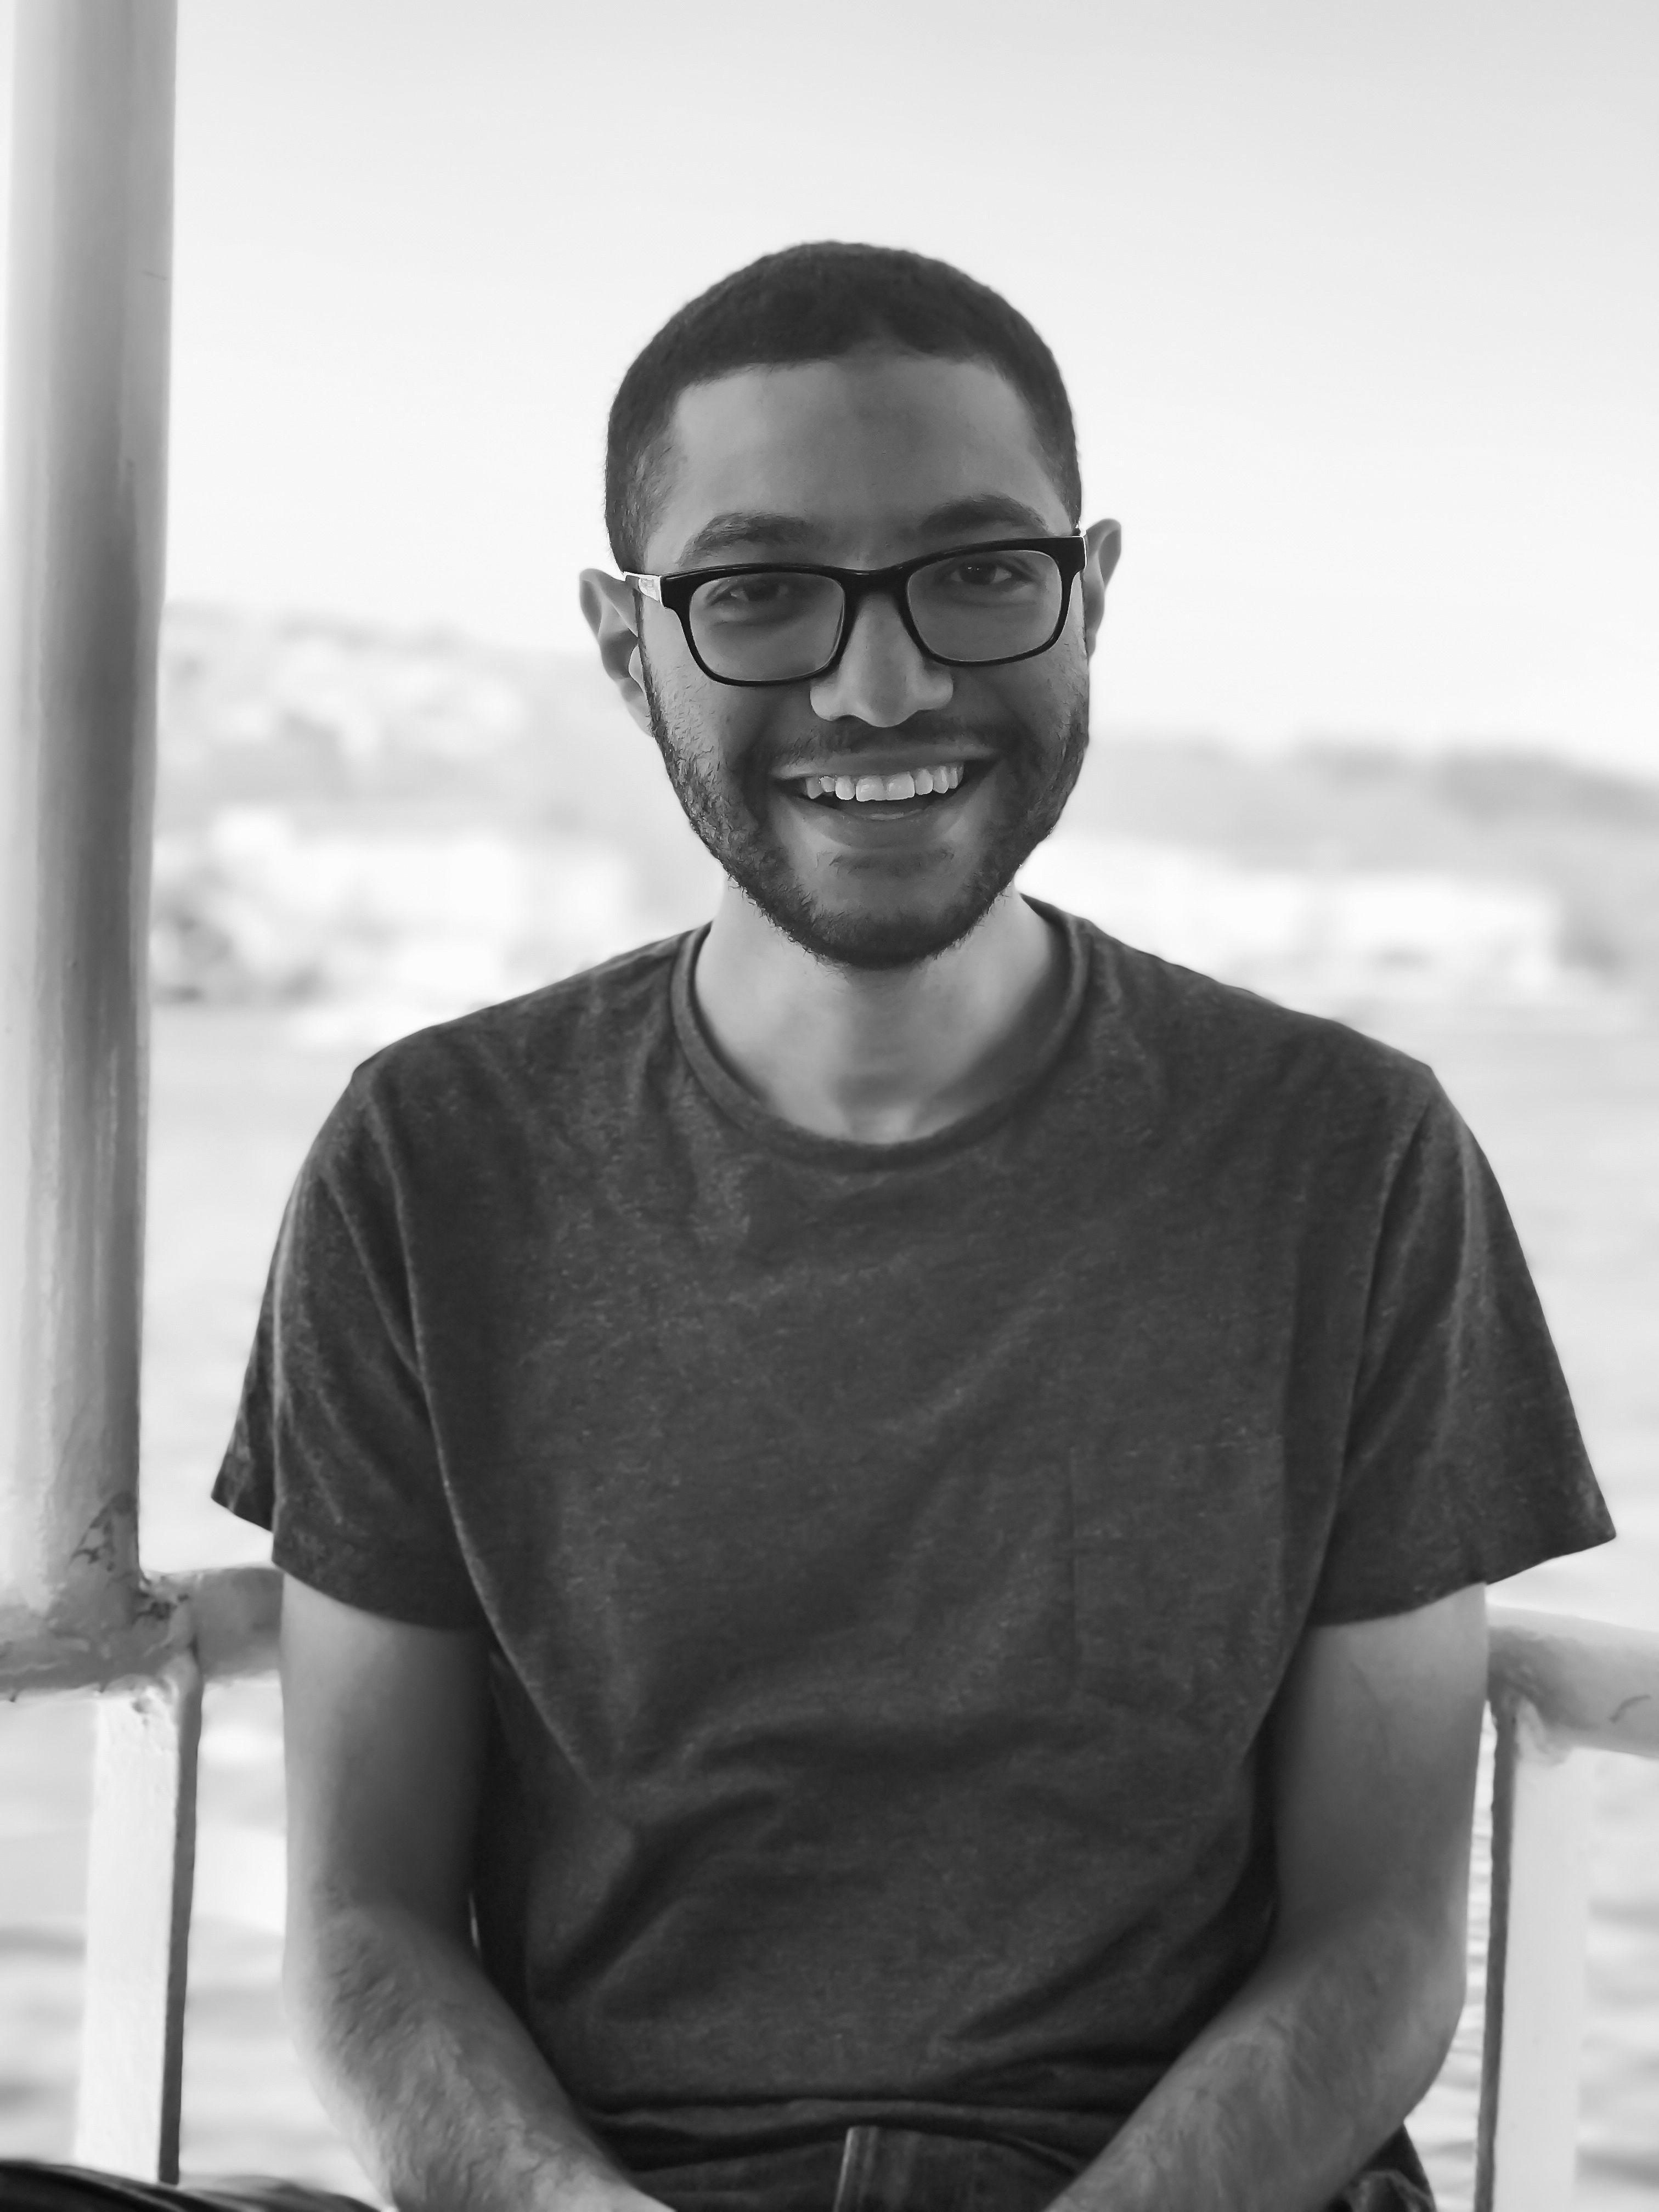 محمد فتوح والي Headshot